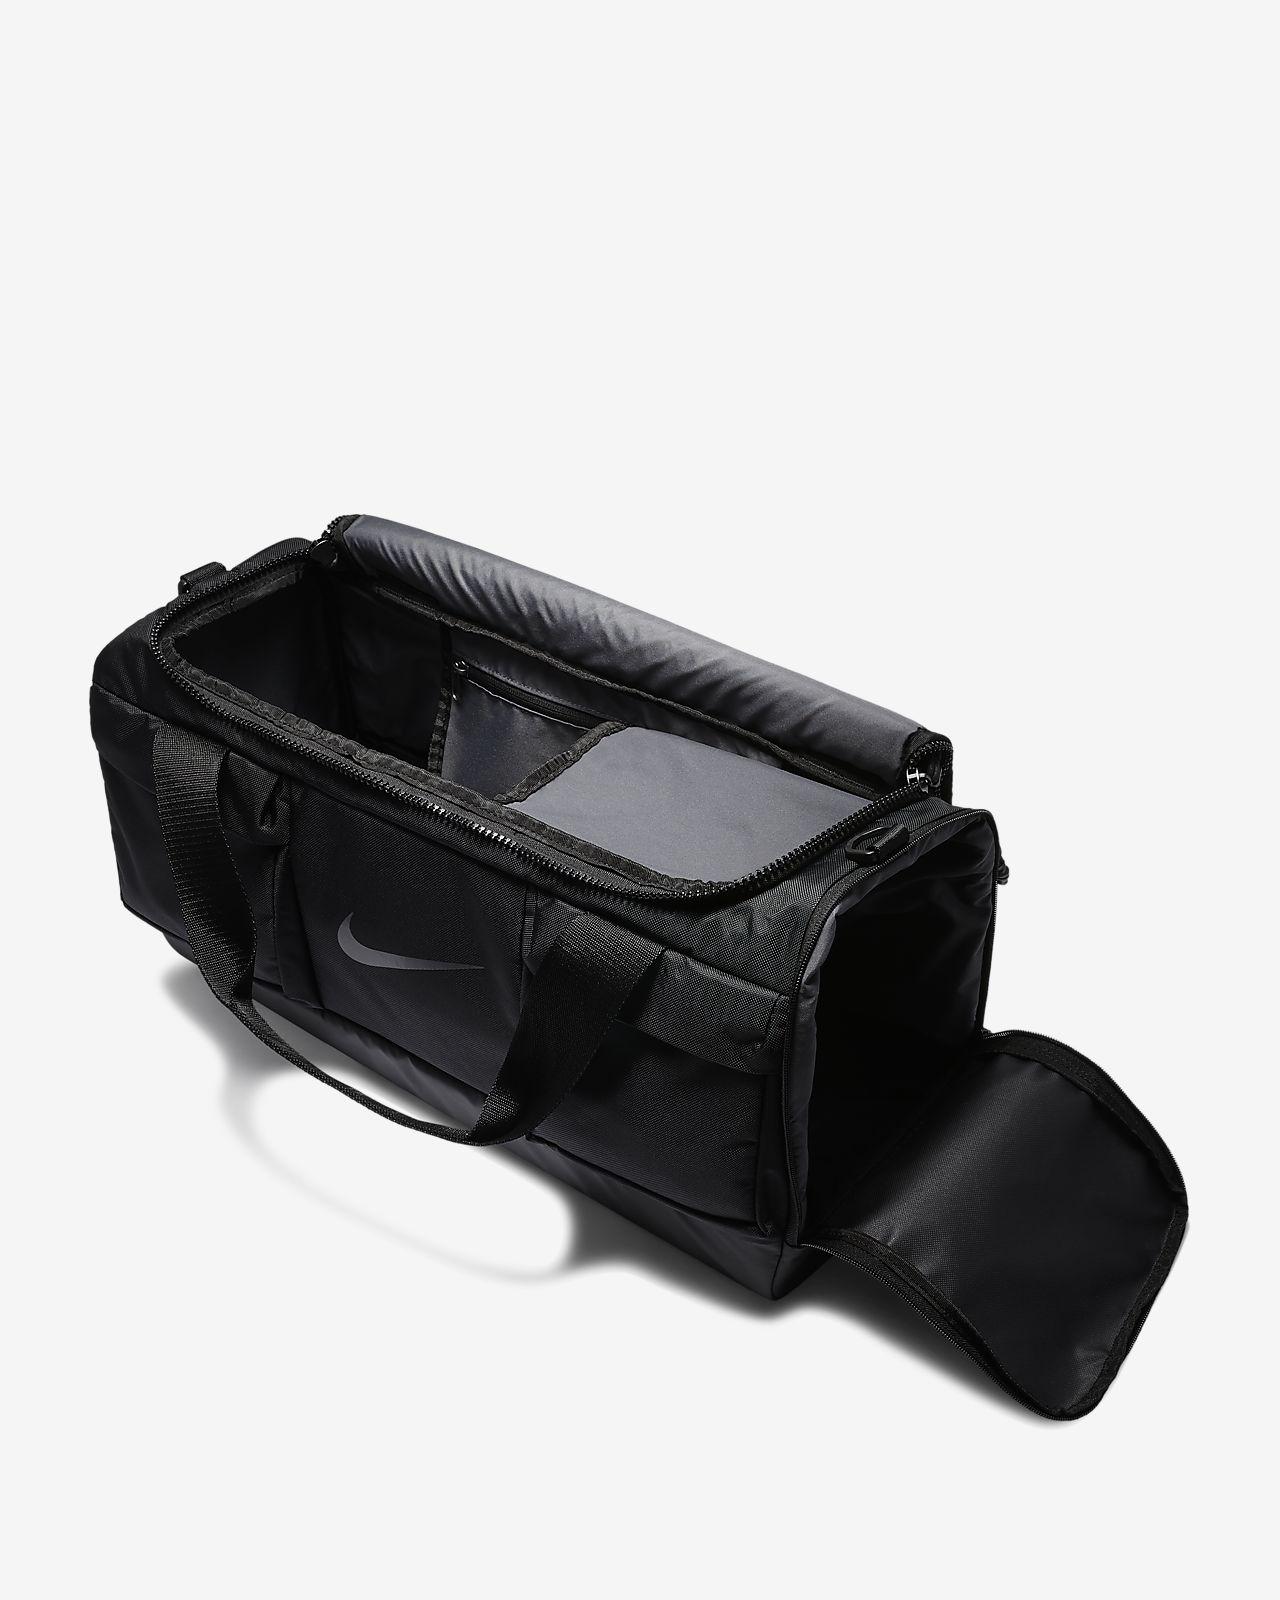 4d5bcfee222 Nike Vapor Power Men s Training Duffel Bag (Small). Nike.com AU